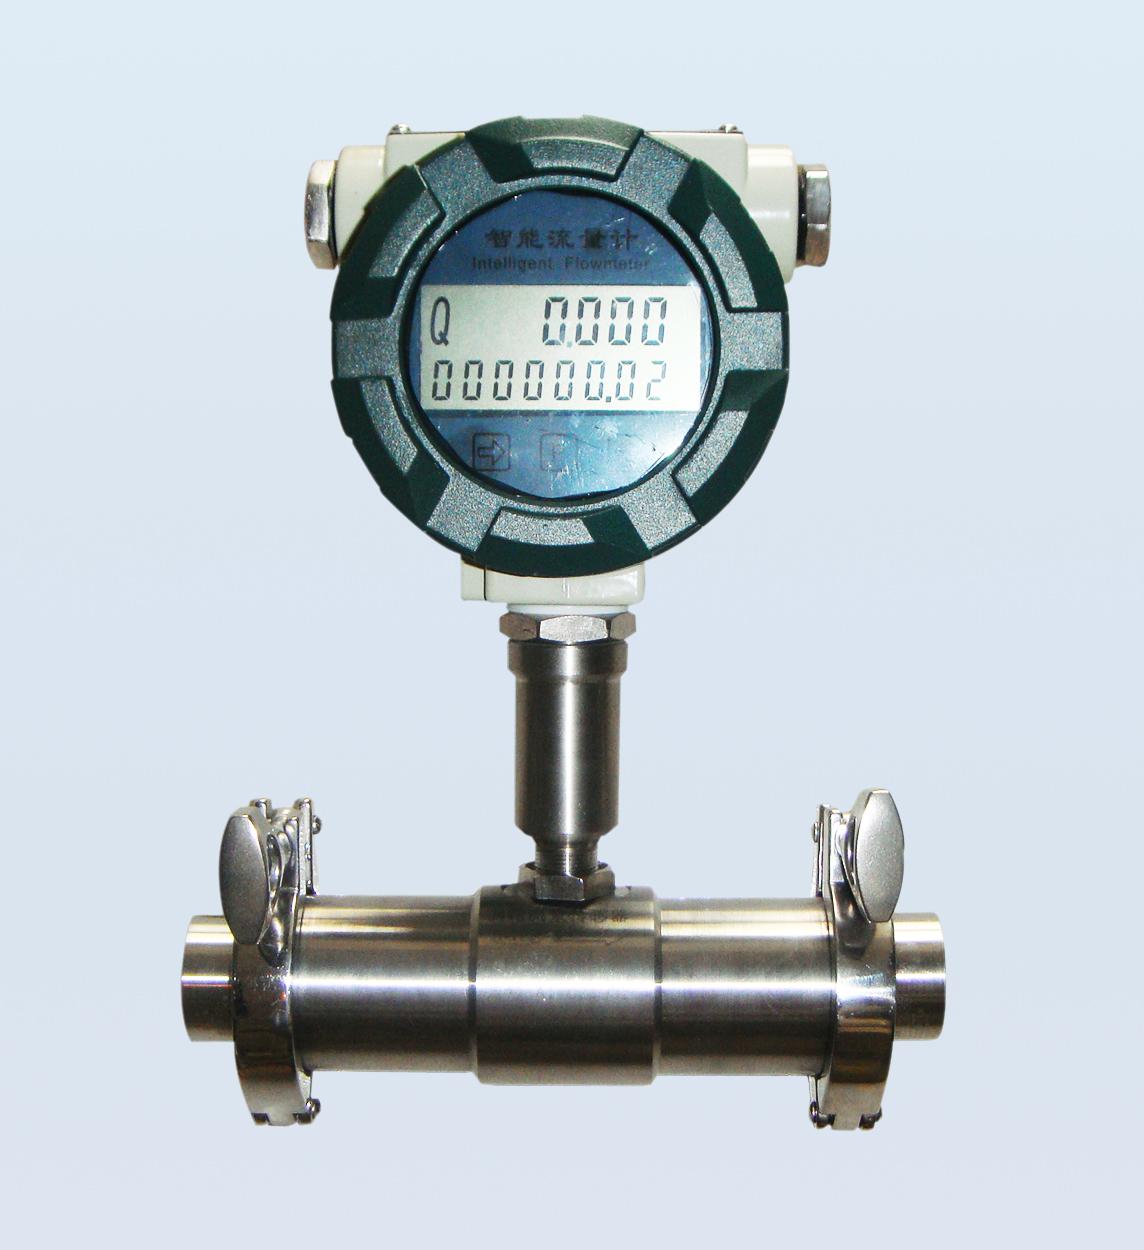 插入式涡轮流量计,卫生型涡轮流量计,大口径涡轮流量计,脉冲信号涡轮